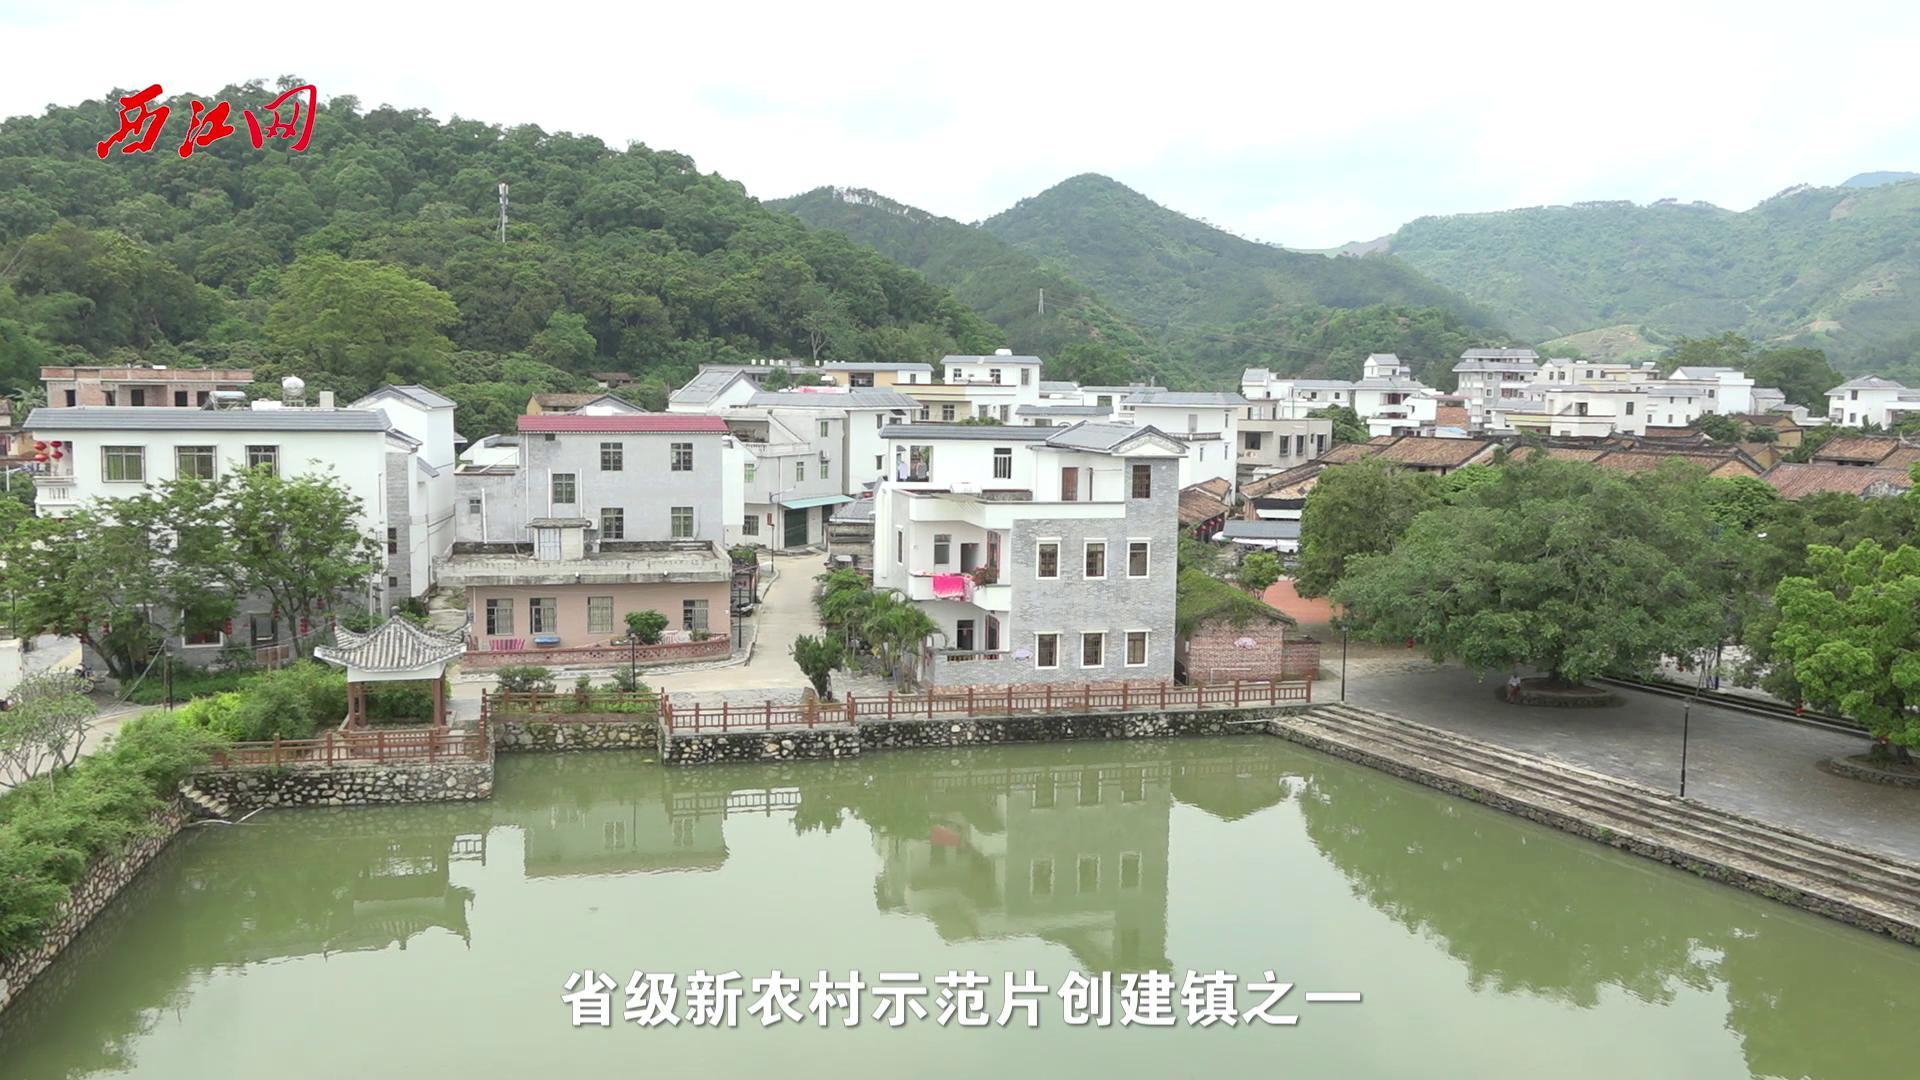 """【壮丽70年 奋战新时代】 德庆数十载""""闯""""出新农村建设路"""